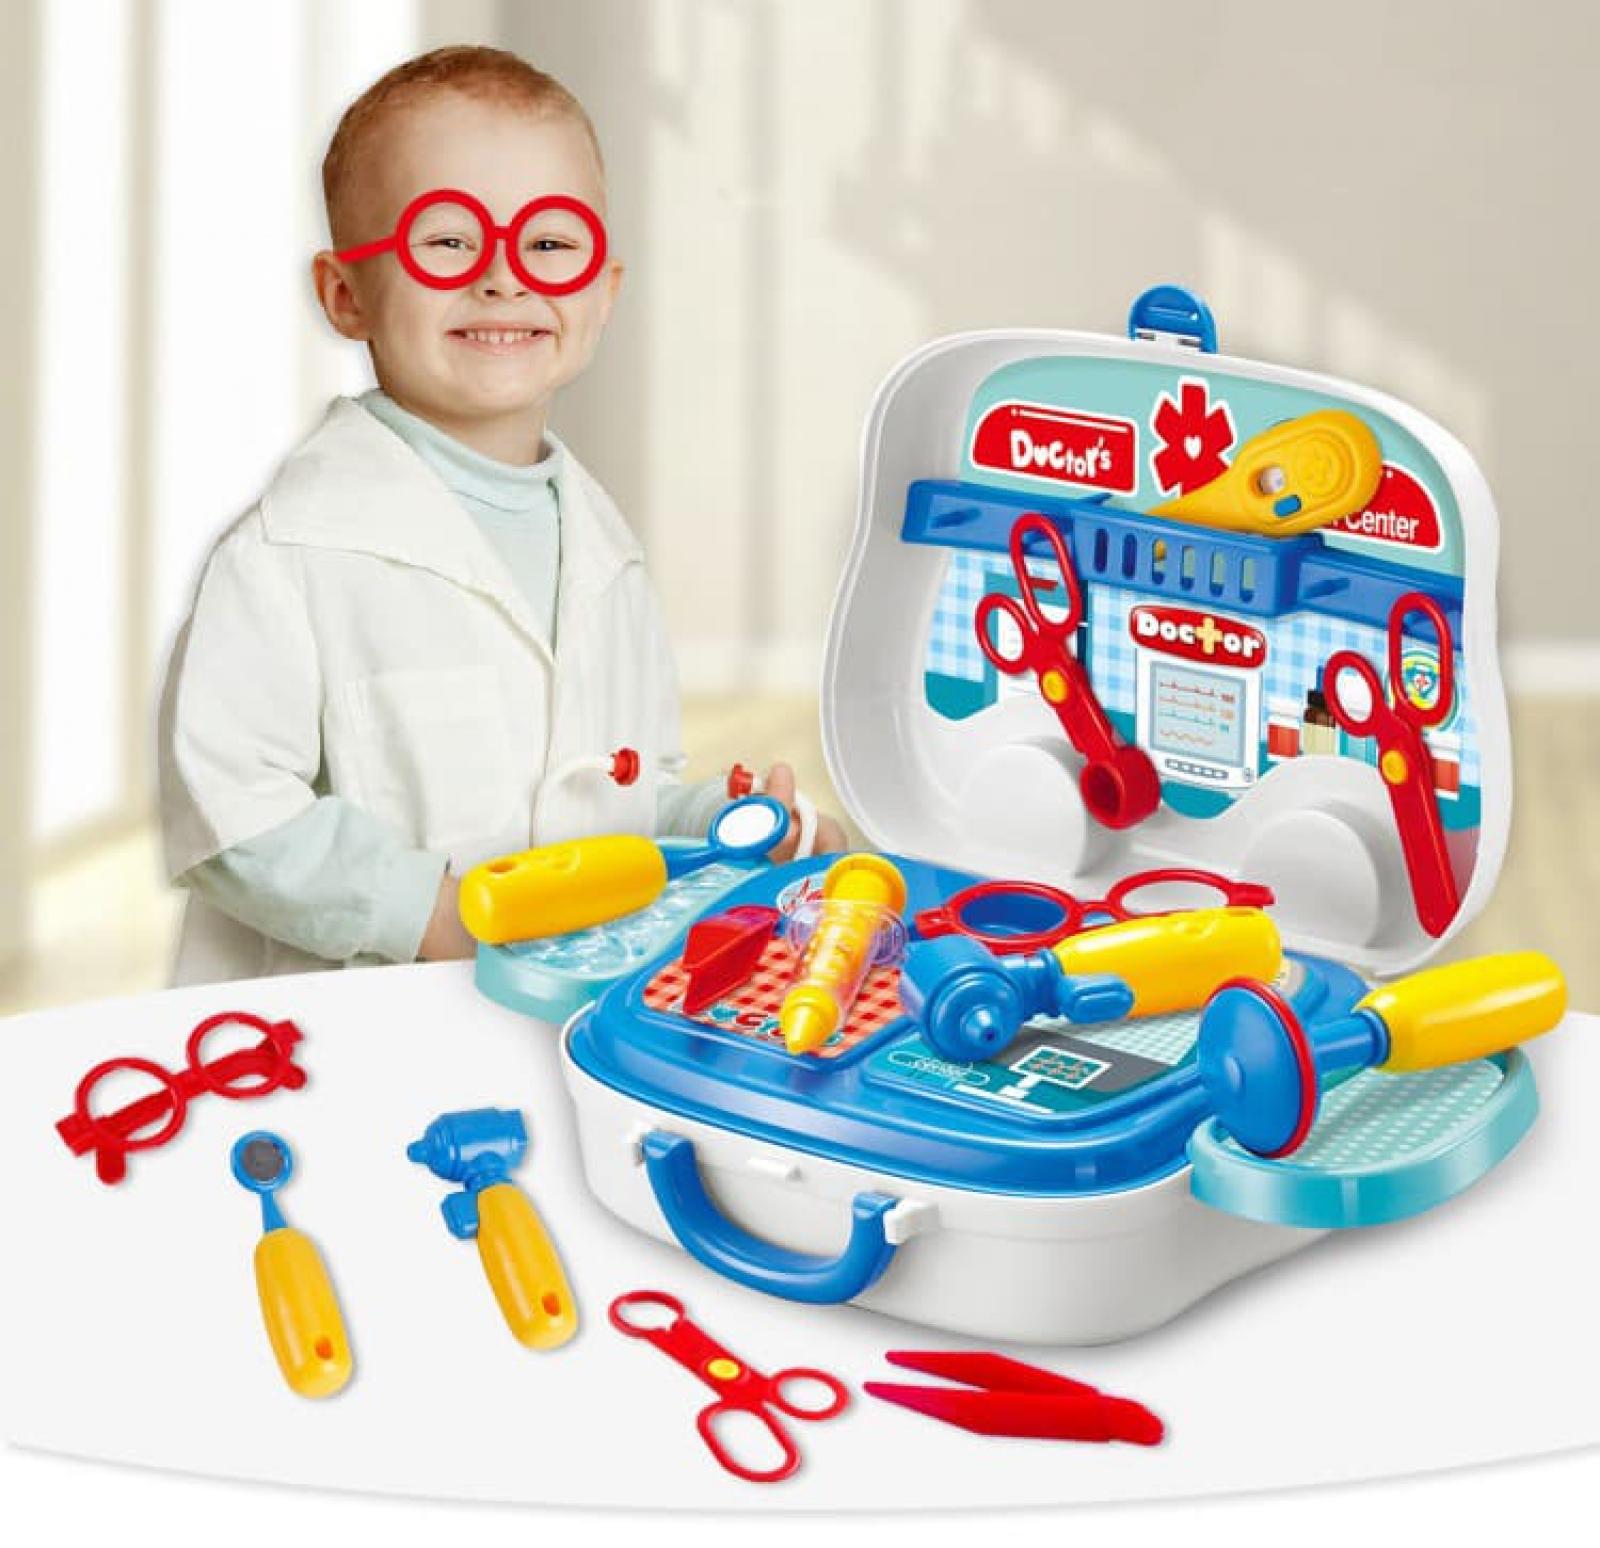 Vì sao nên cho trẻ chơi đồ chơi hướng nghiệp?